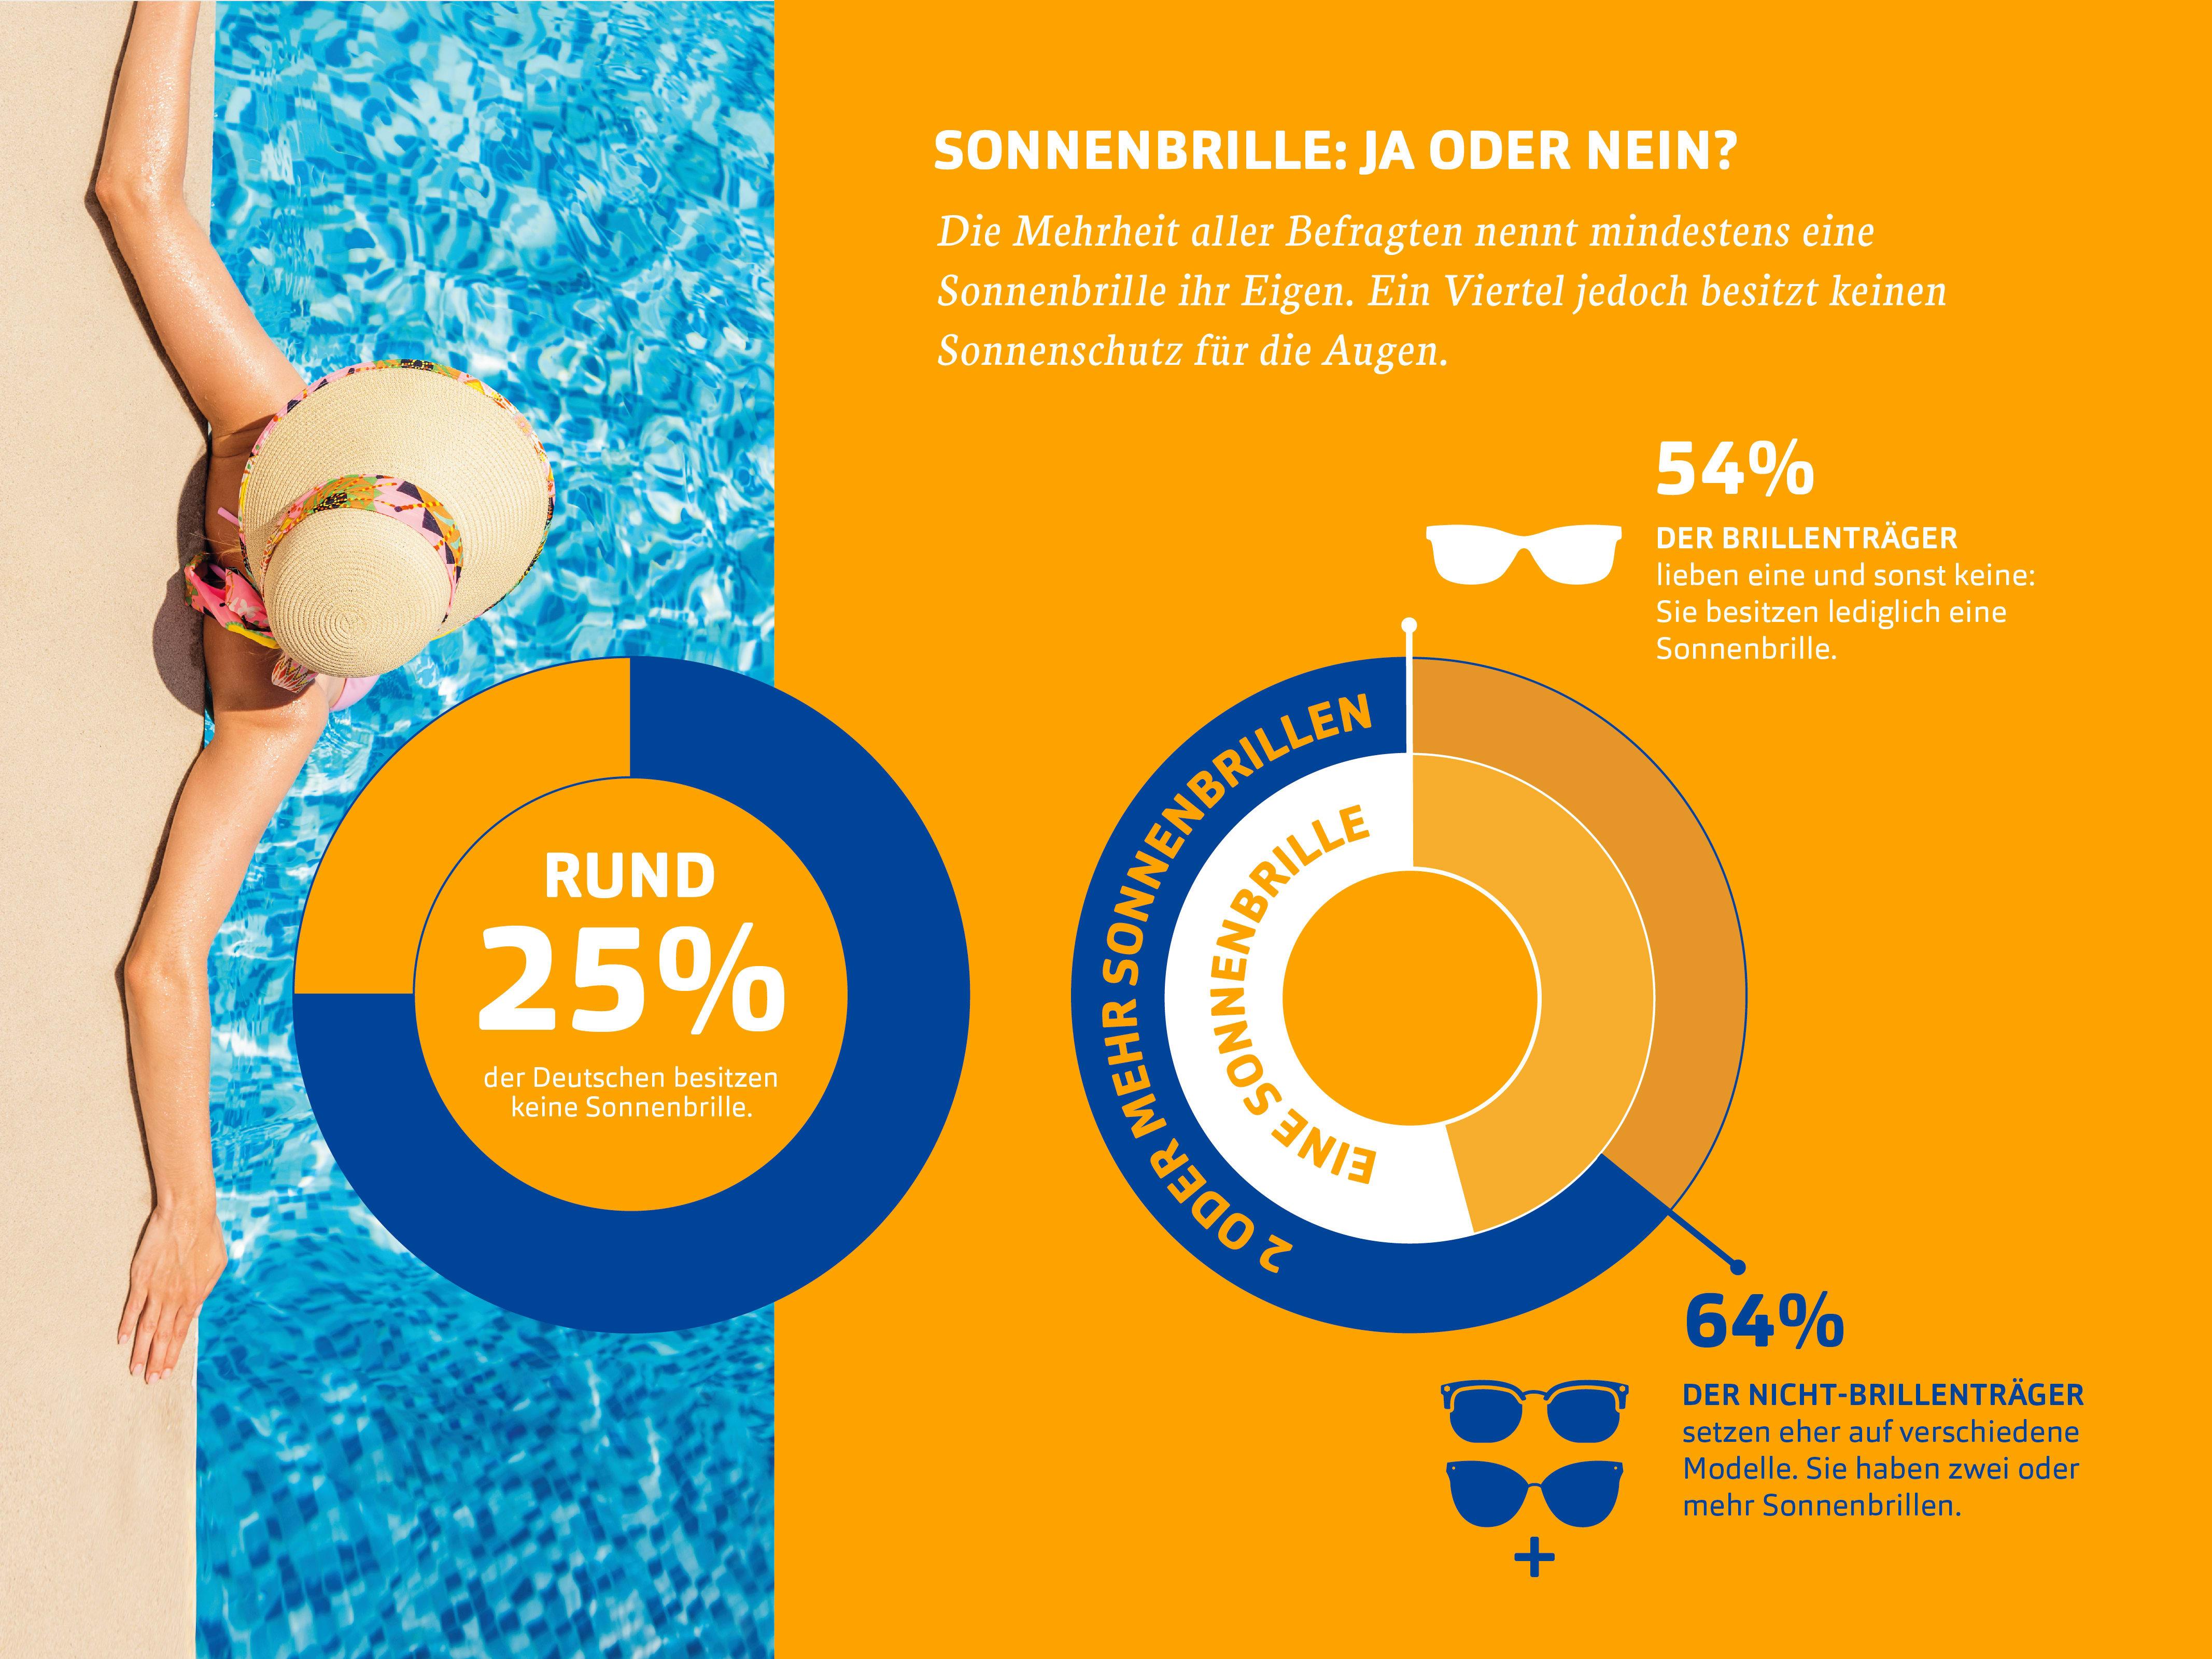 Rund 25% der Deutschen besitzen keine Sonnenbrille